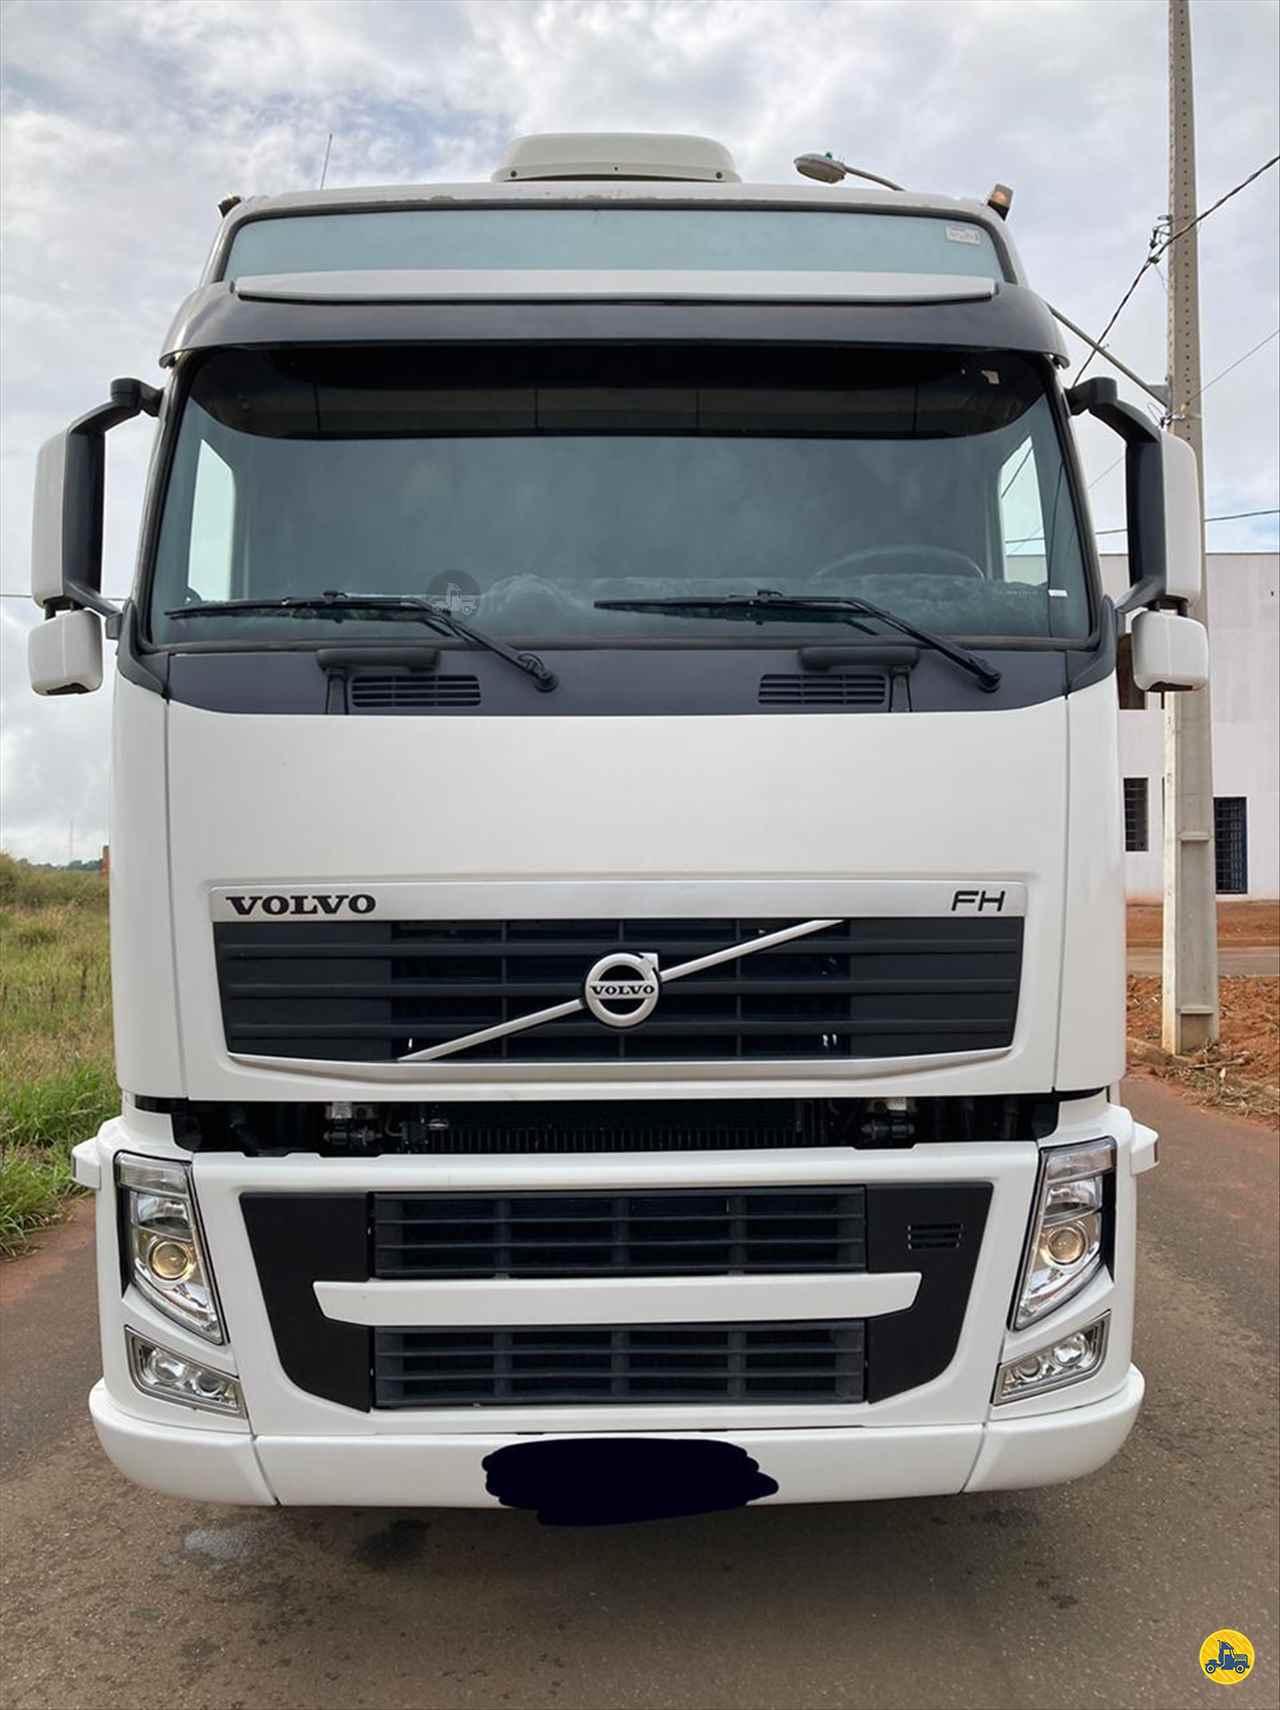 CAMINHAO VOLVO VOLVO FH 440 Cavalo Mecânico Truck 6x2 Cotral Caminhões SERRA DO SALITRE MINAS GERAIS MG